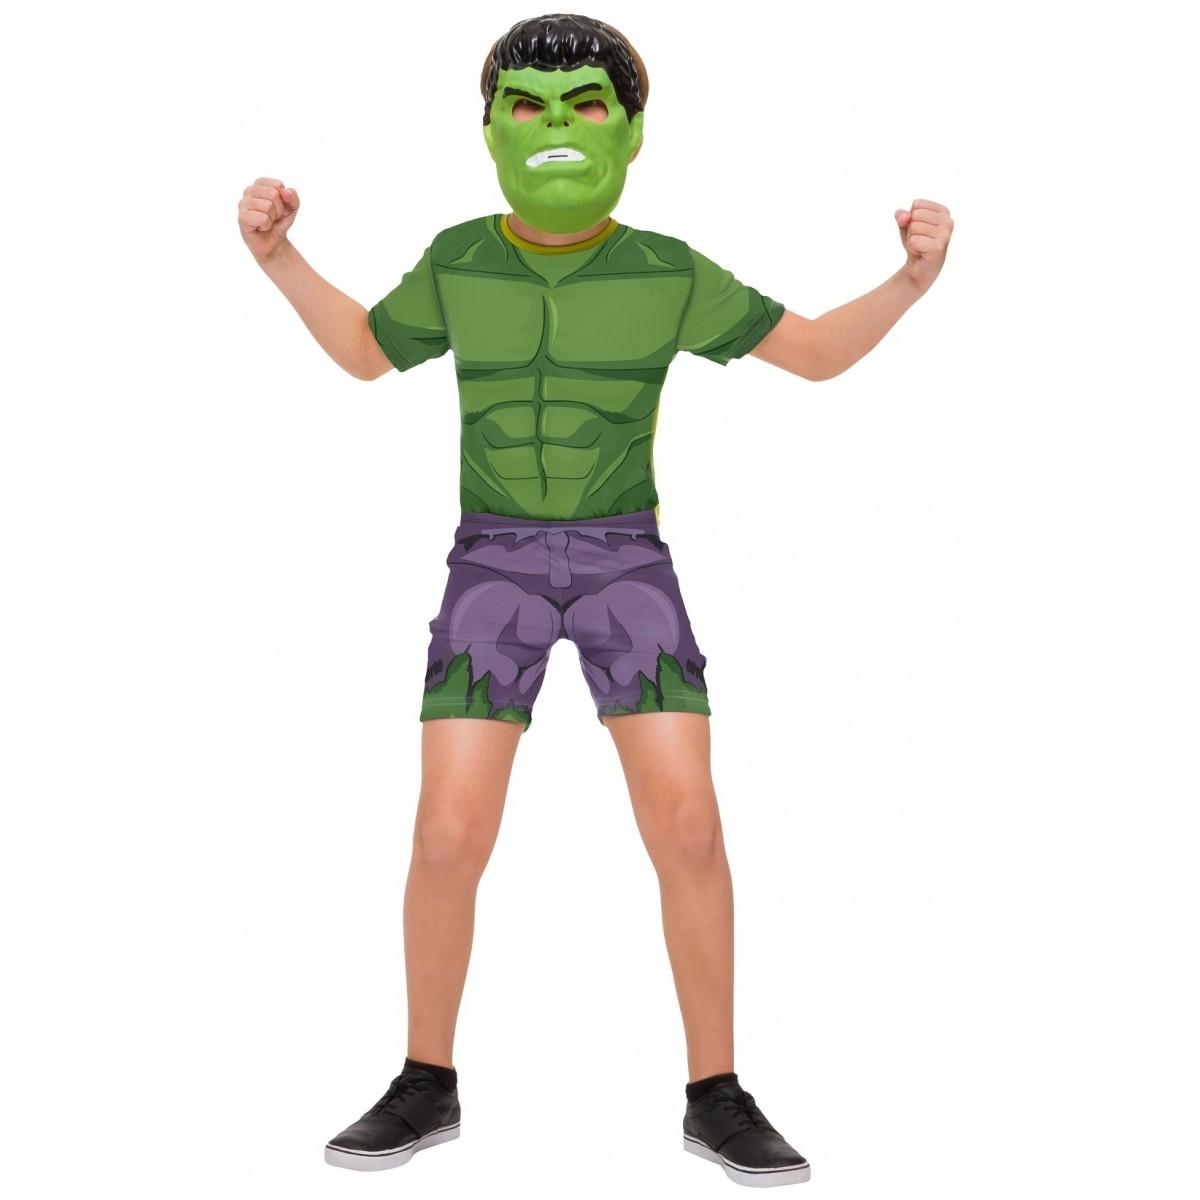 Fantasia Hulk Infantil